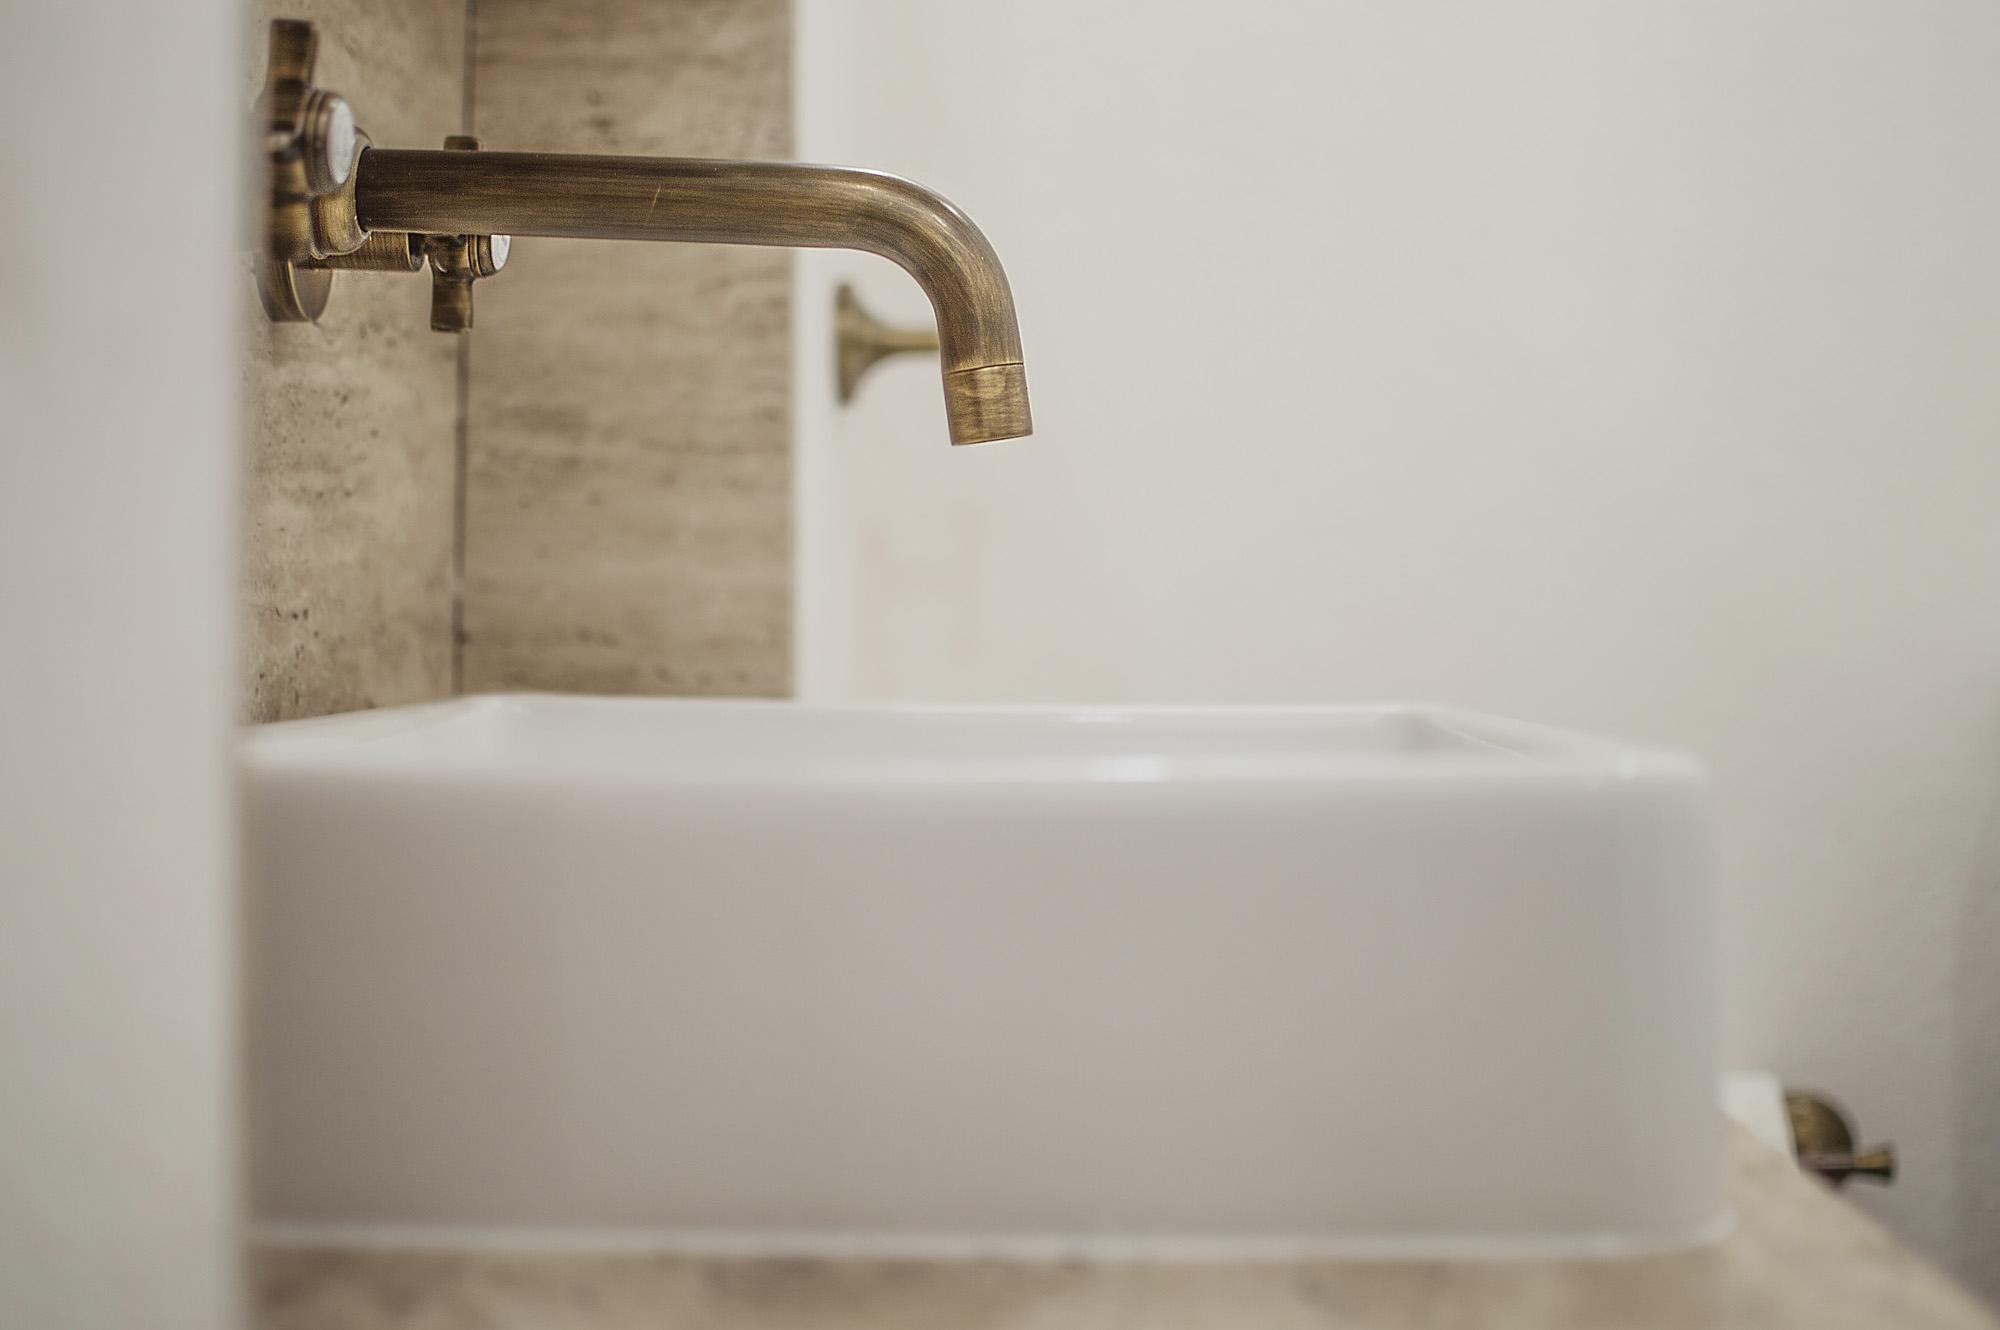 taps-sink